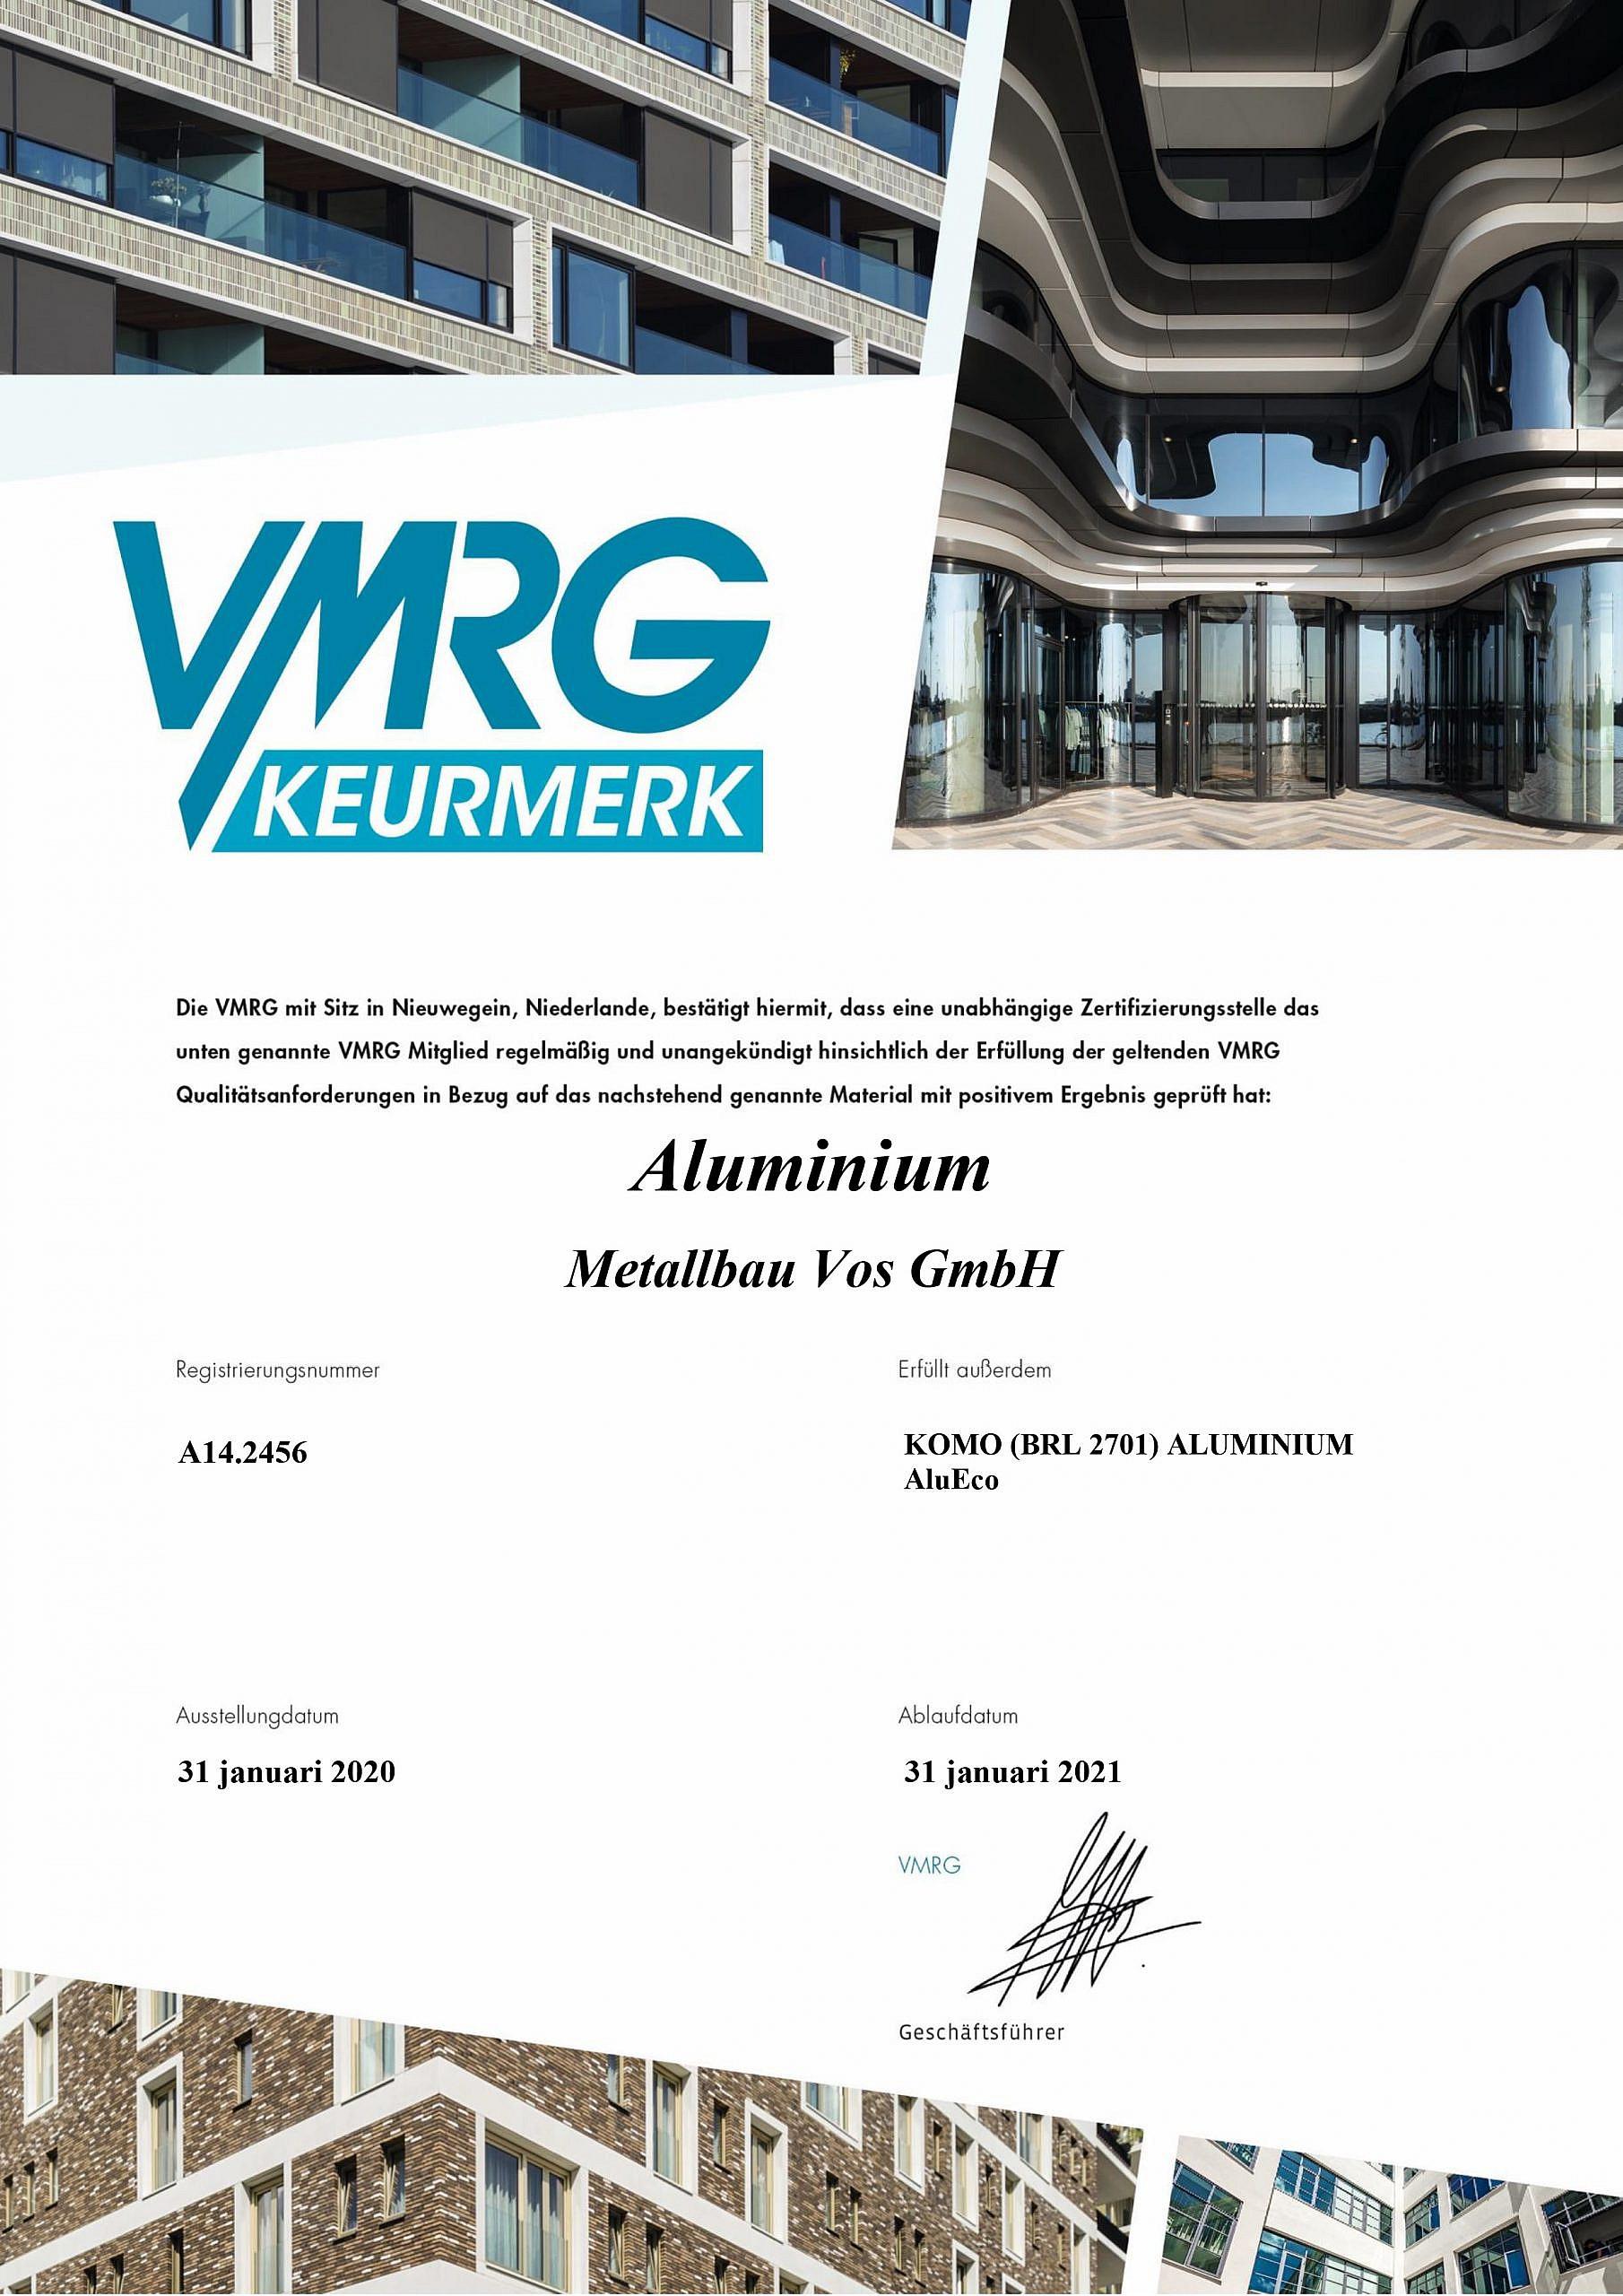 VMRG Aluminium